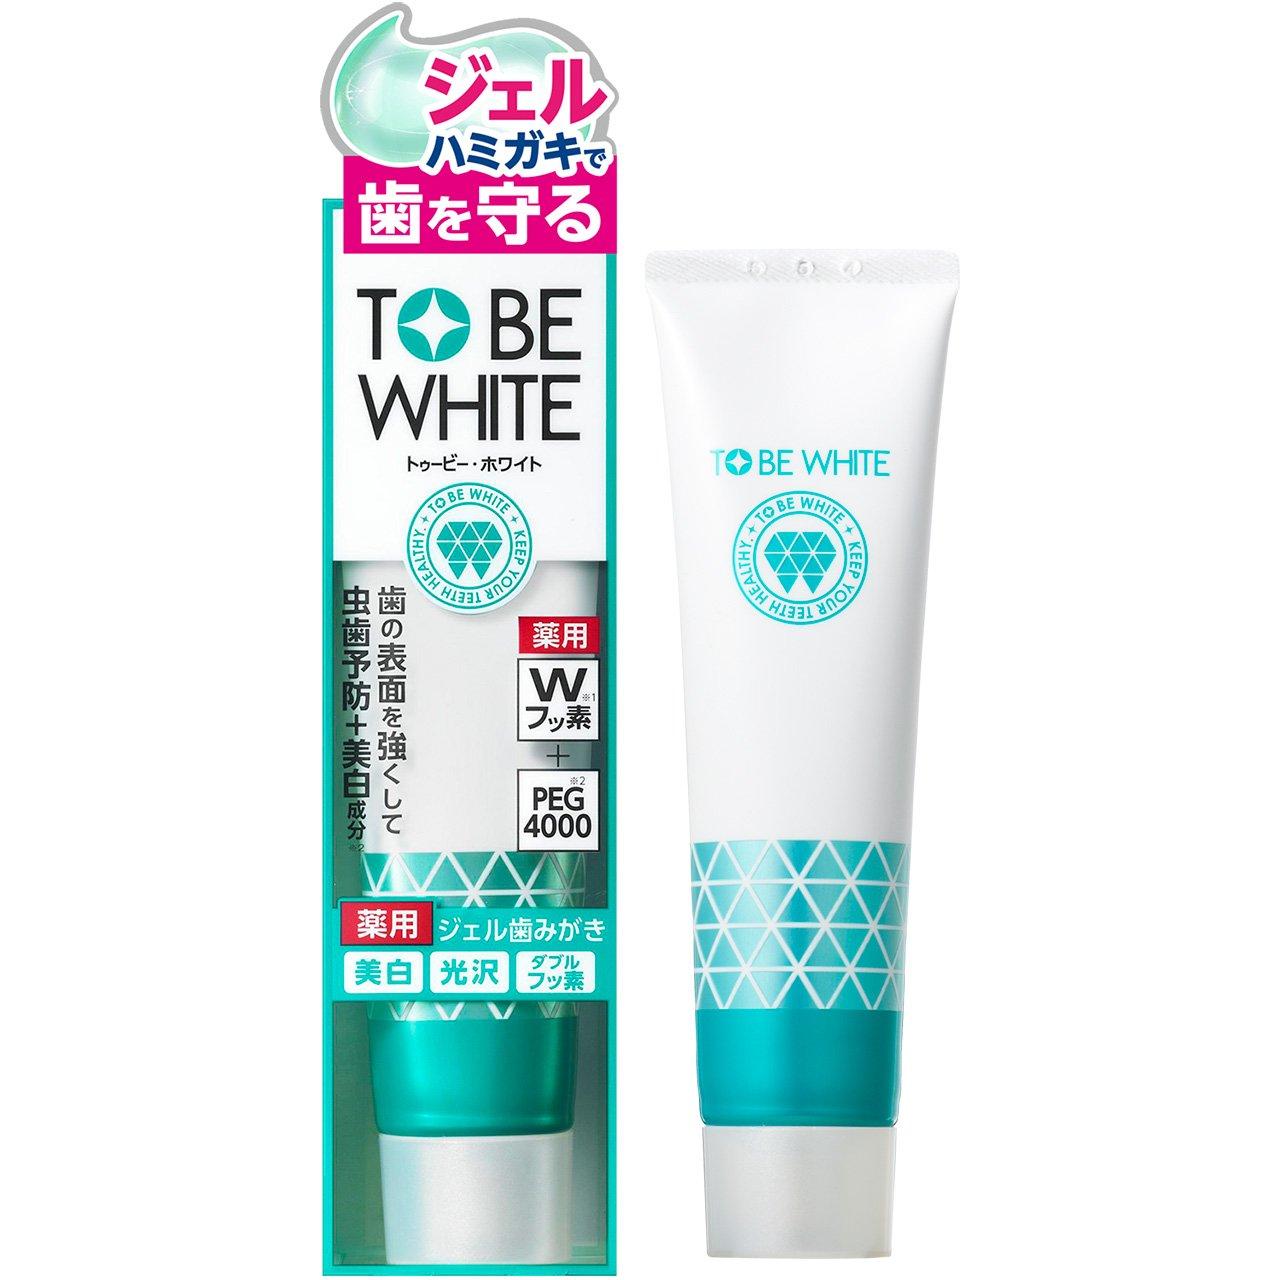 ホワイトニング歯磨き粉のおすすめ14選!研磨剤なしも